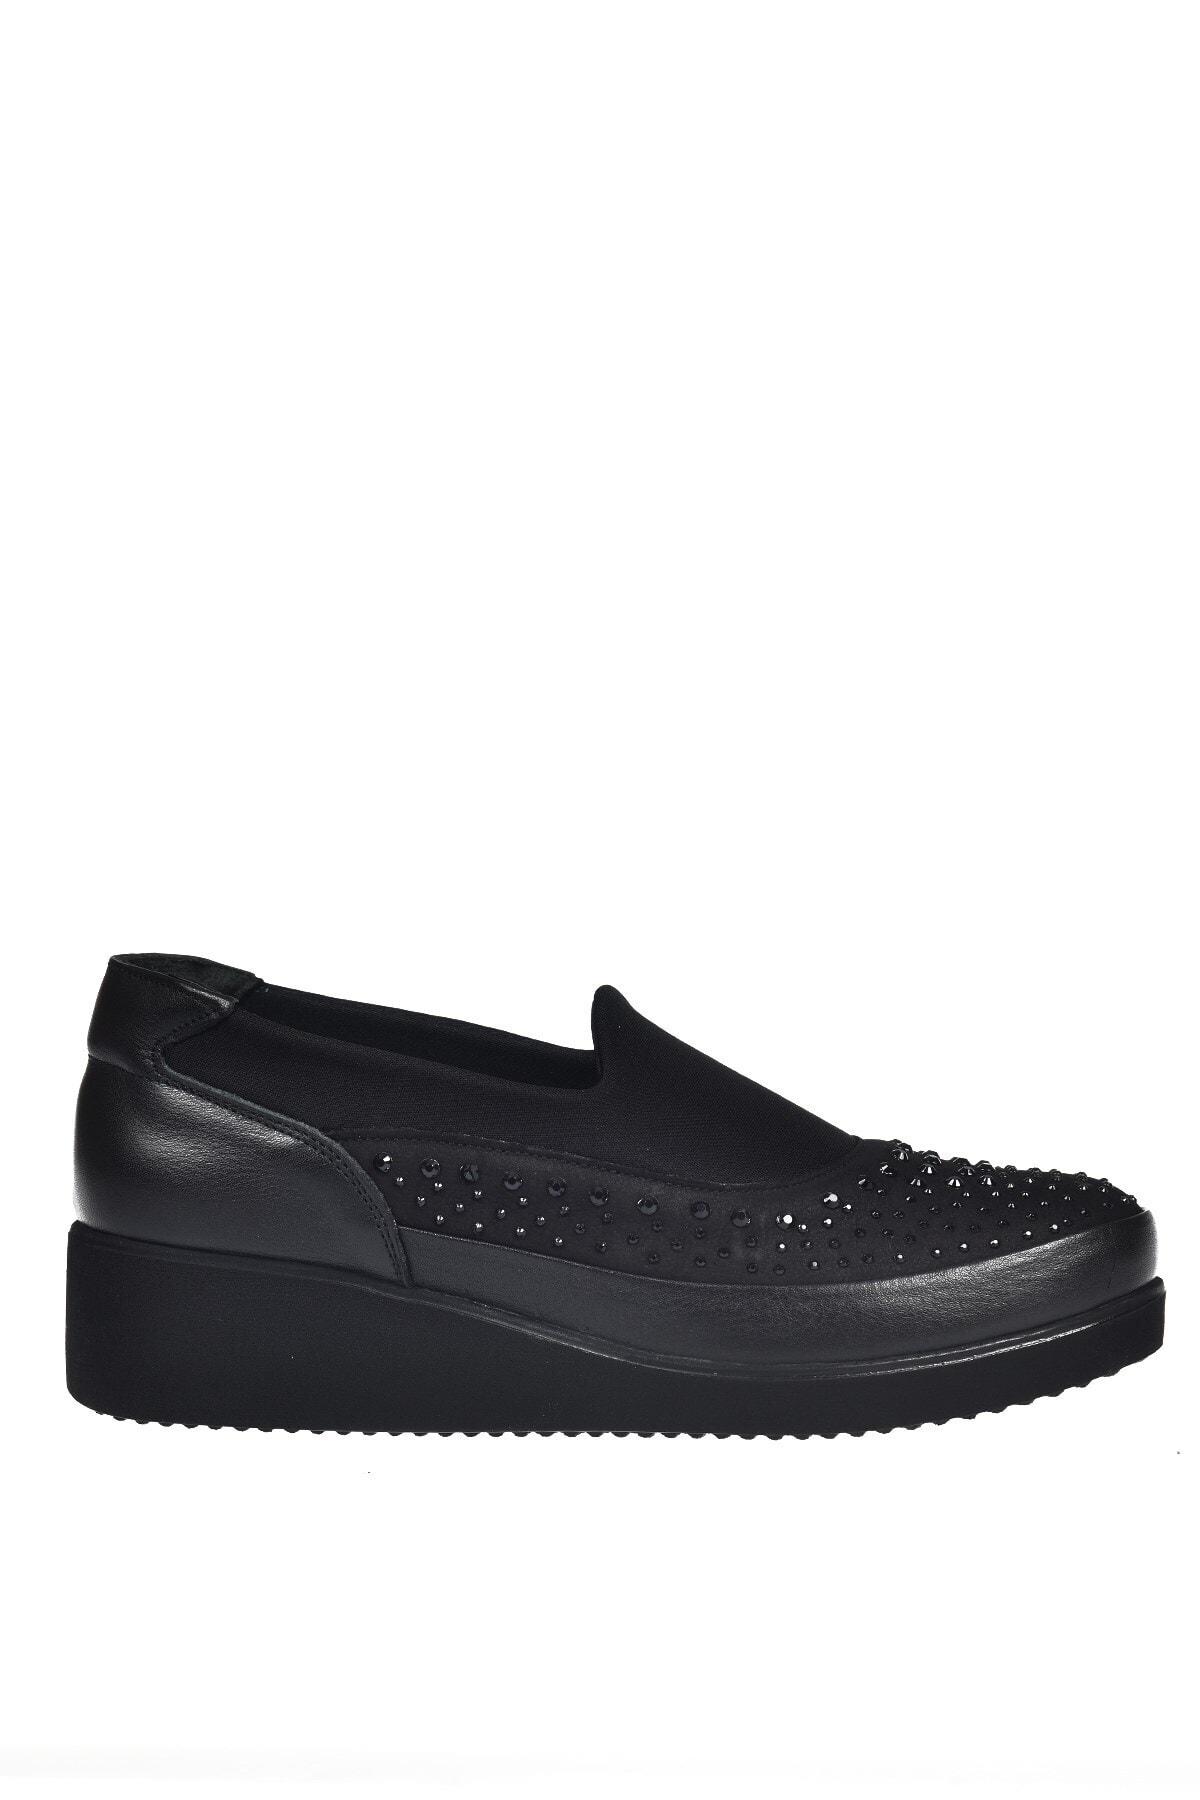 Üçel 3540 Hakiki Deri Kadın Ayakkabı Siyah Garni